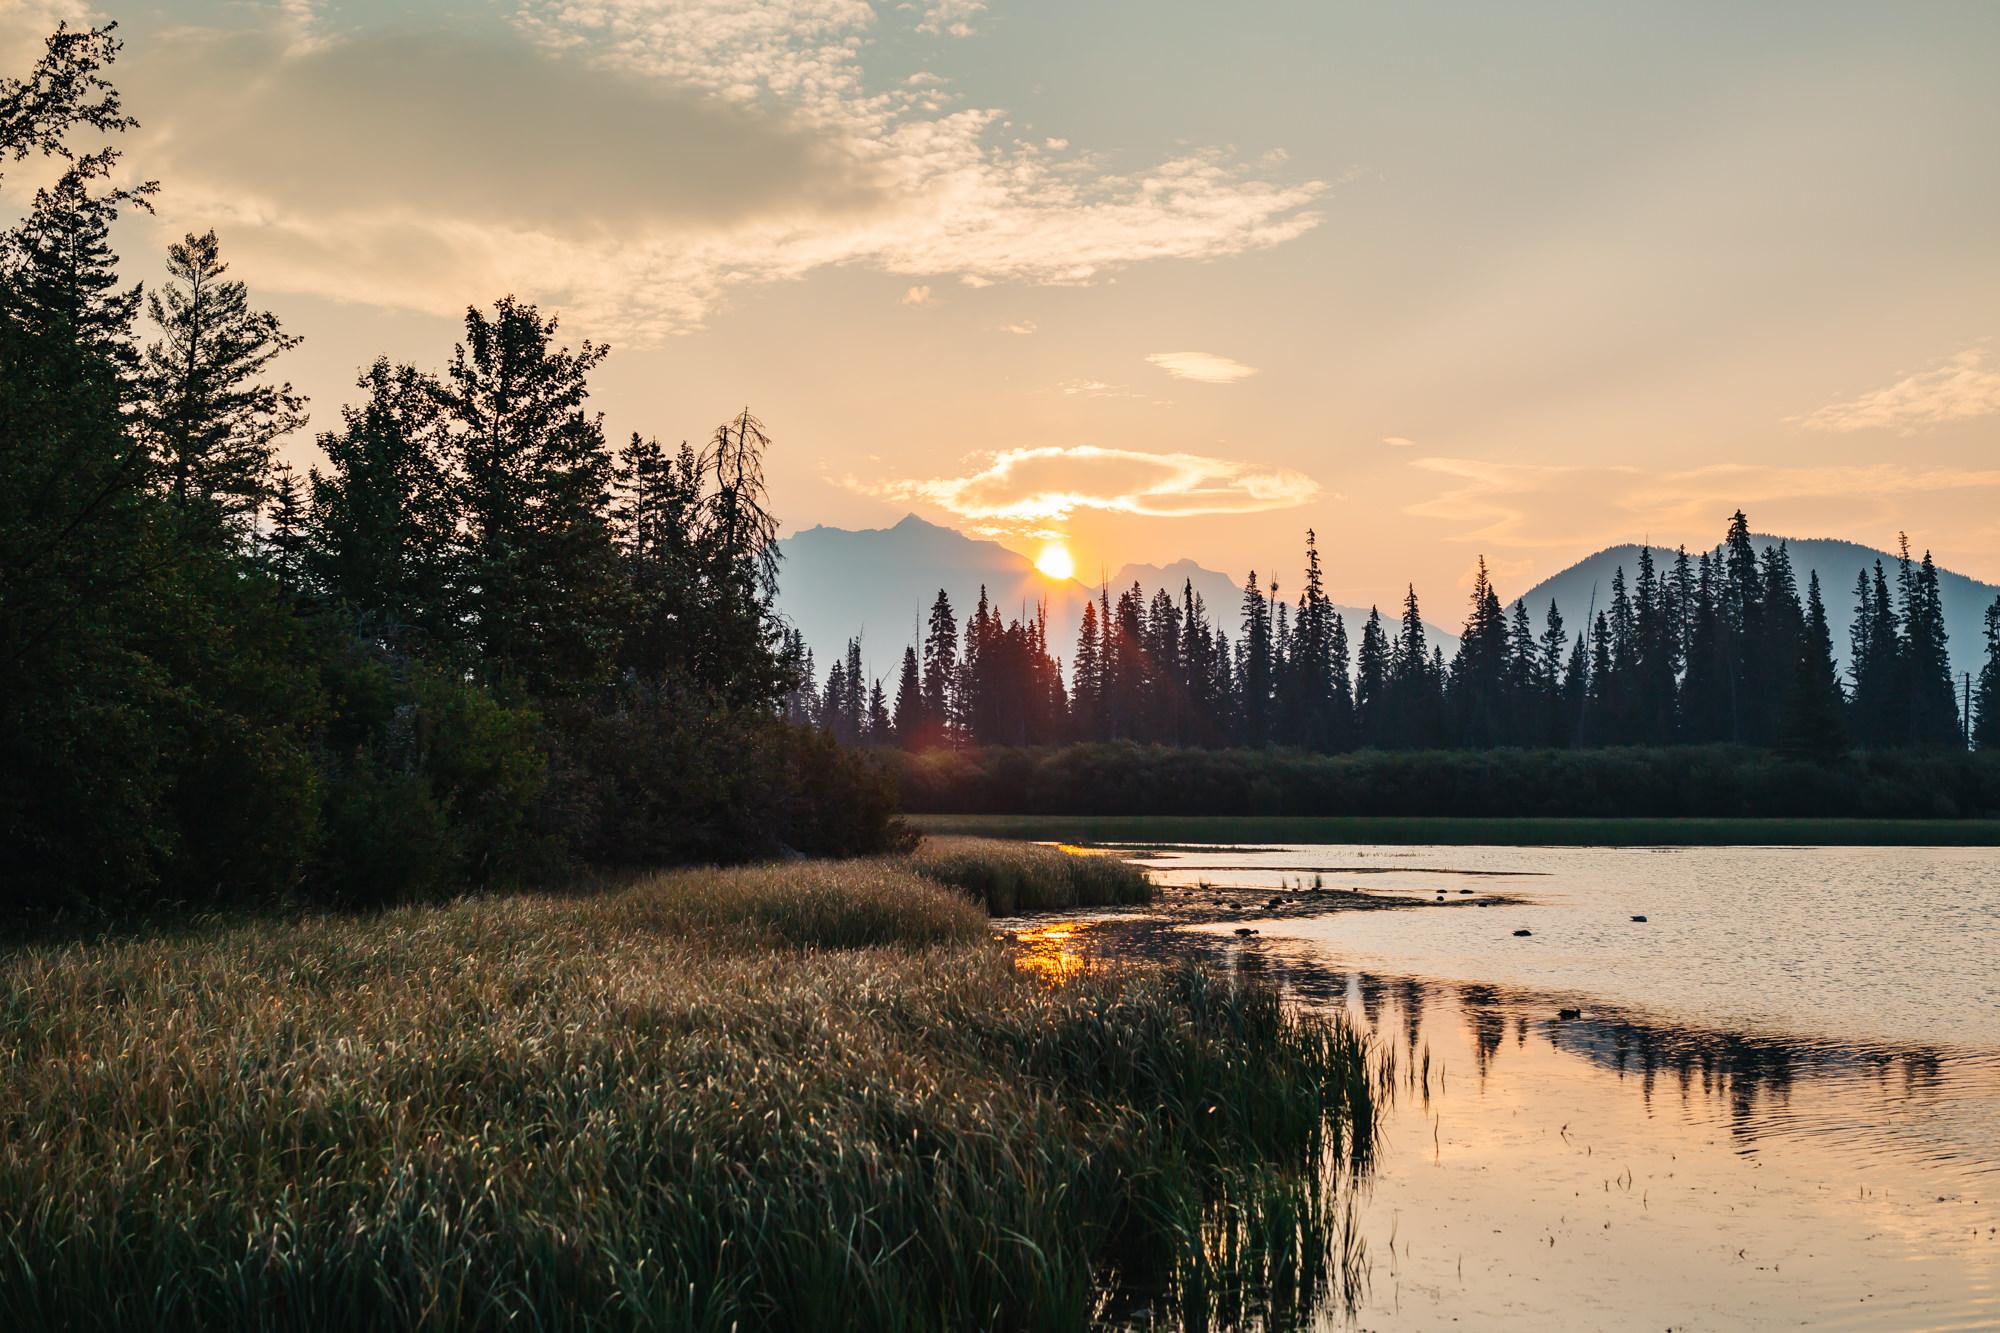 Vermilion Lakes Banff National Park #VermilionLakes